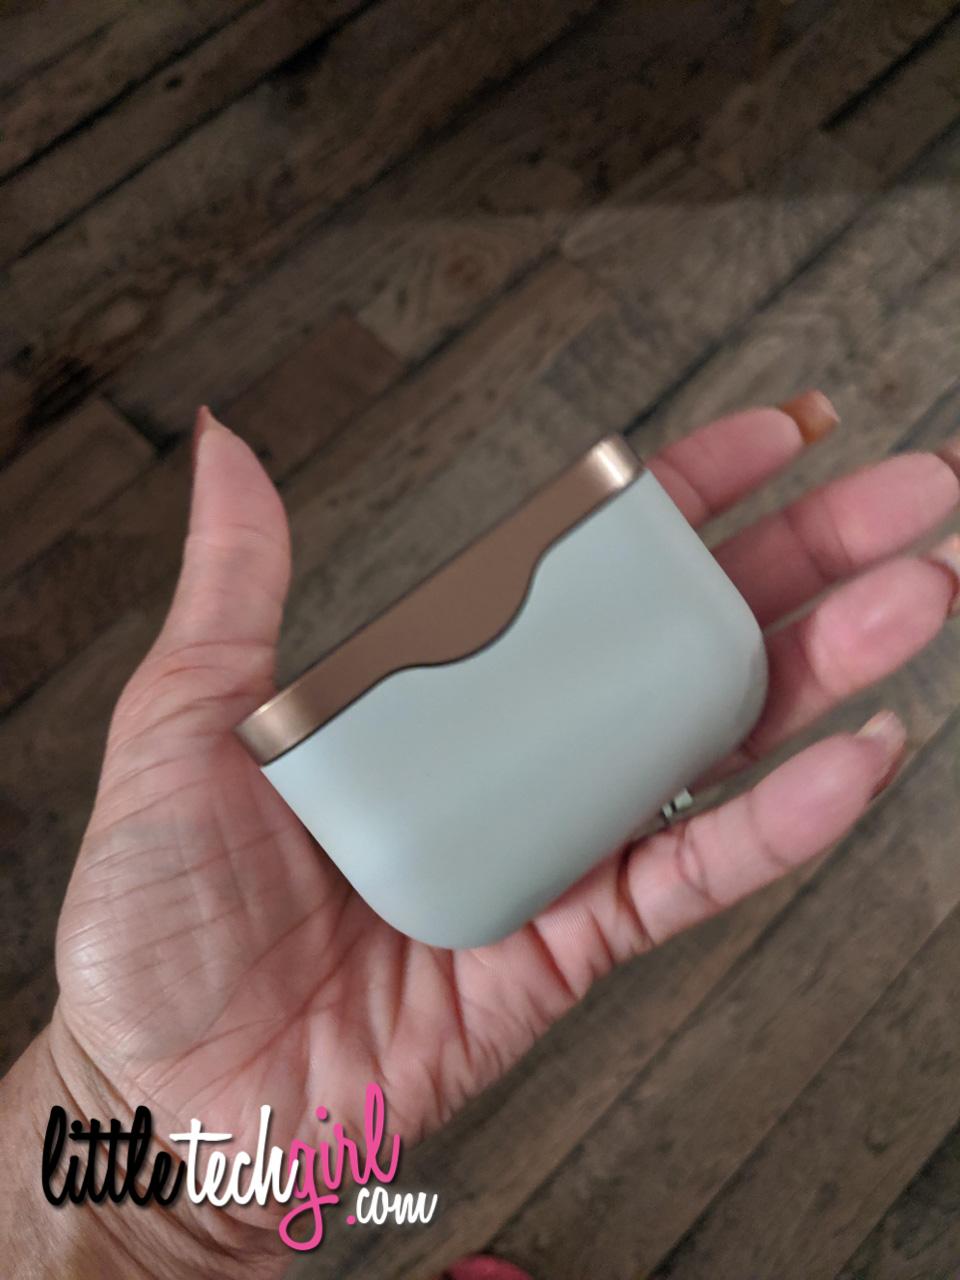 Sony WF-1000XM3 Heaphones